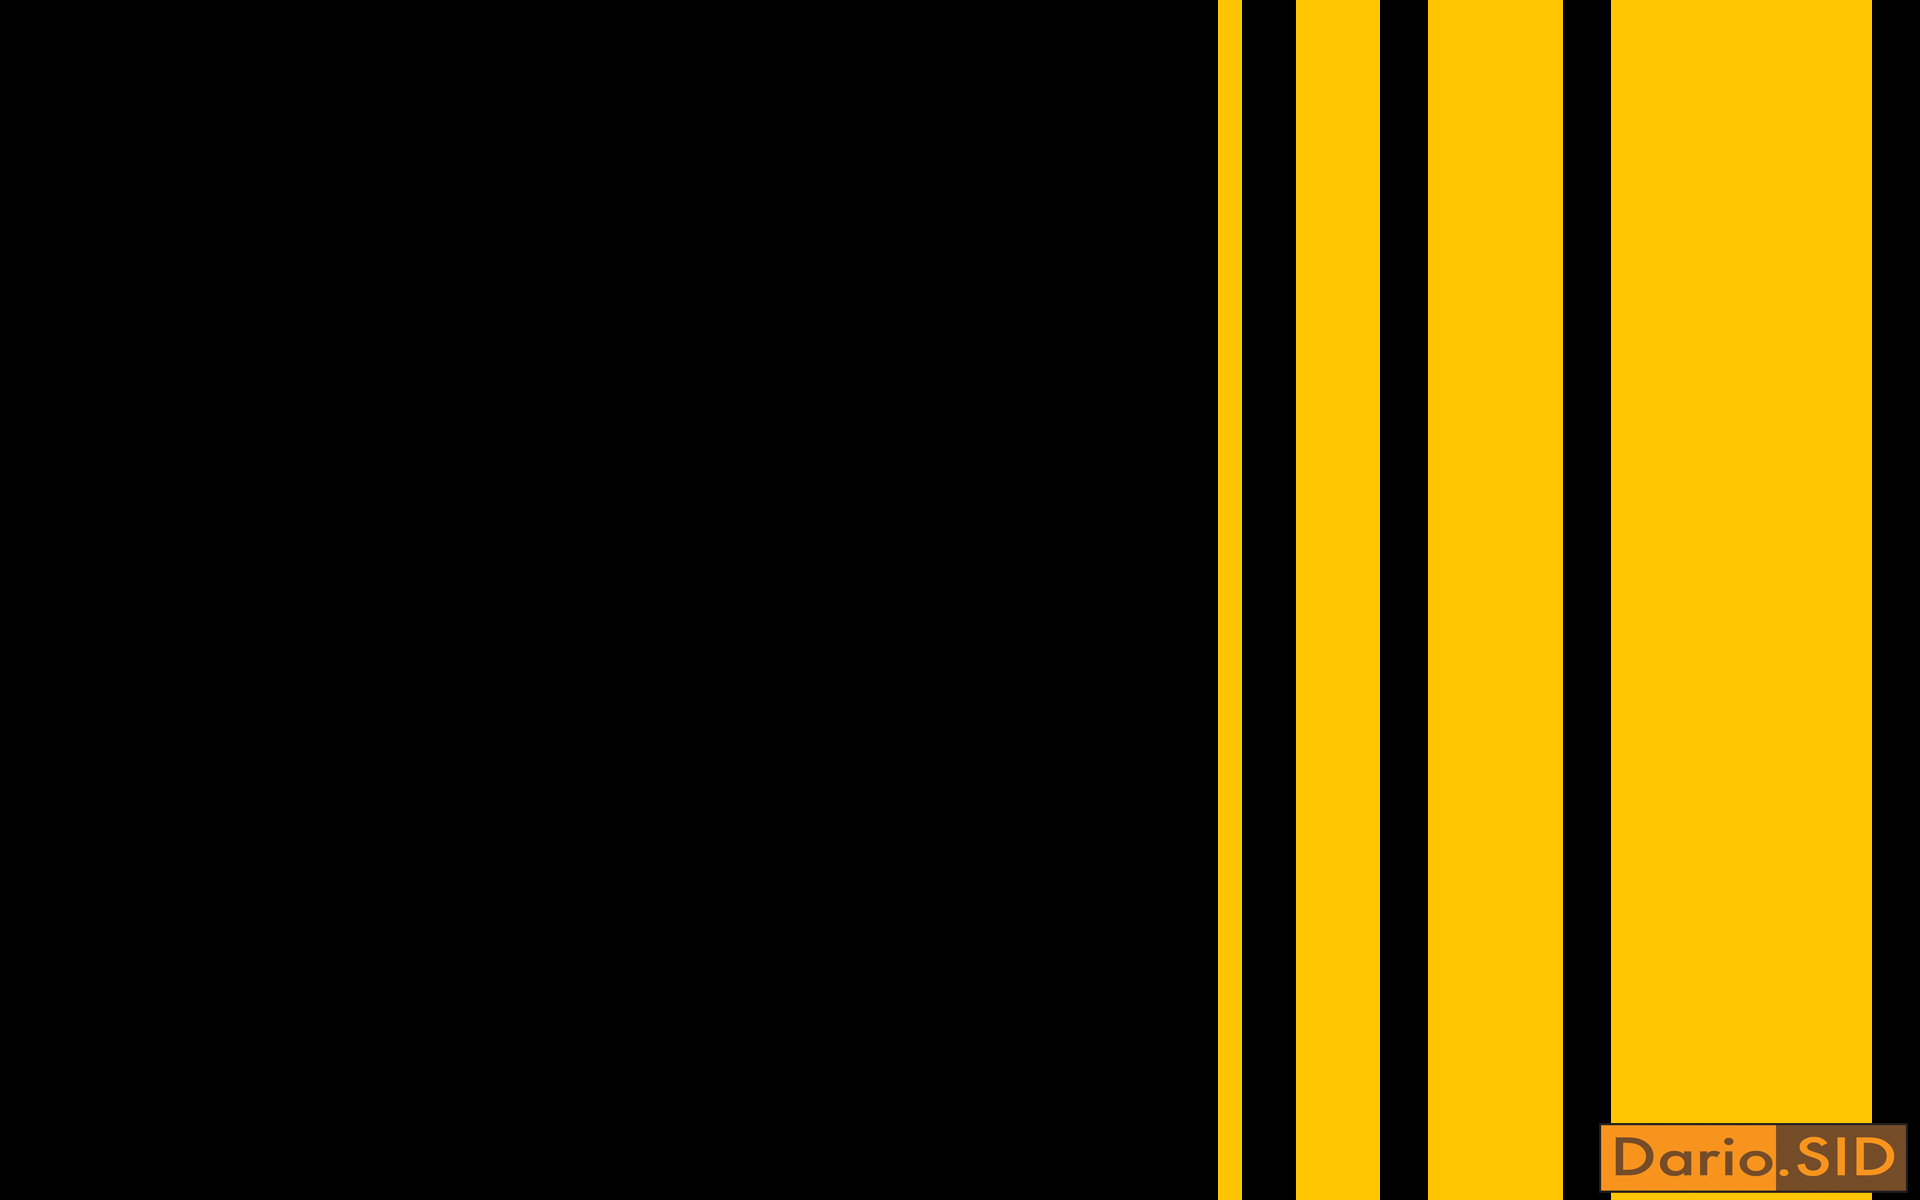 Black and Yellow Wallpaper - WallpaperSafari